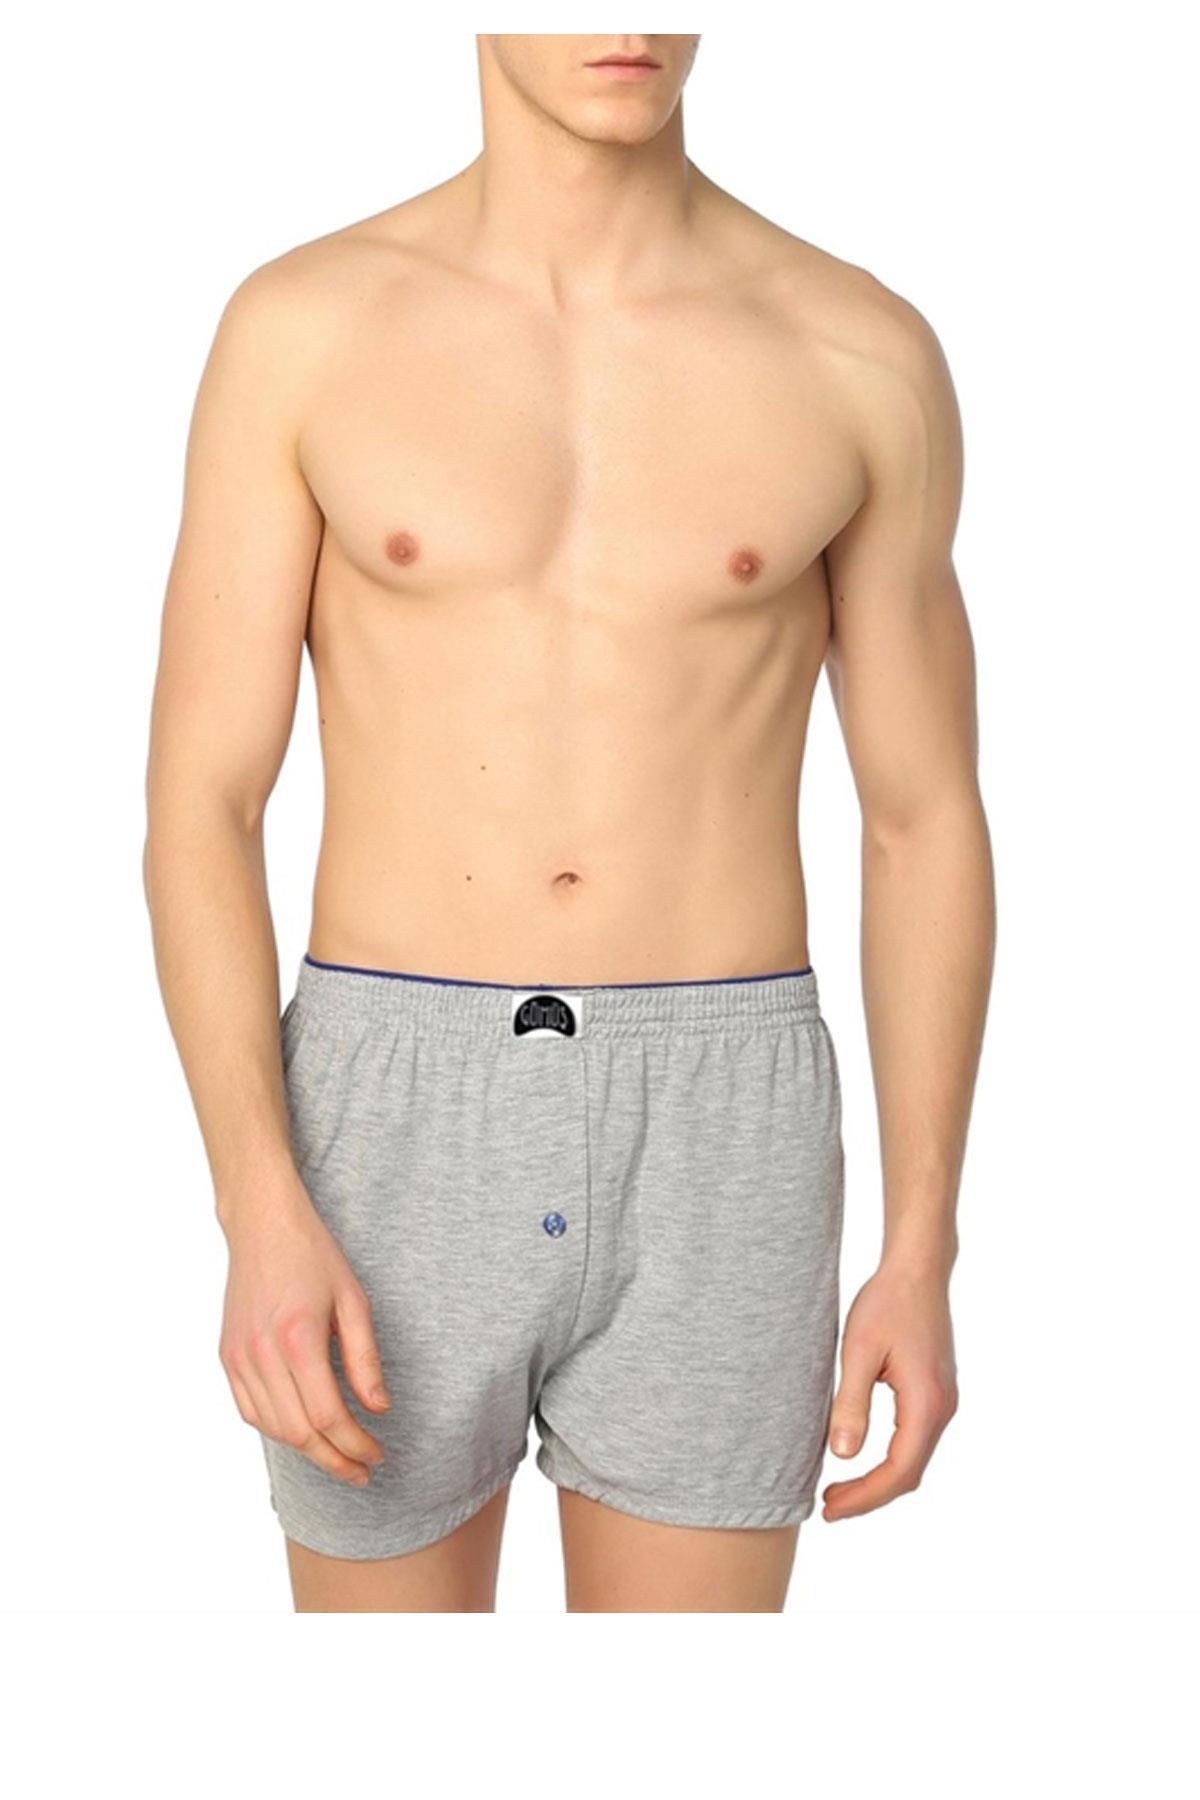 Gümüş İç Giyim Düğmeli Erkek Boxer 6 Lı Paket